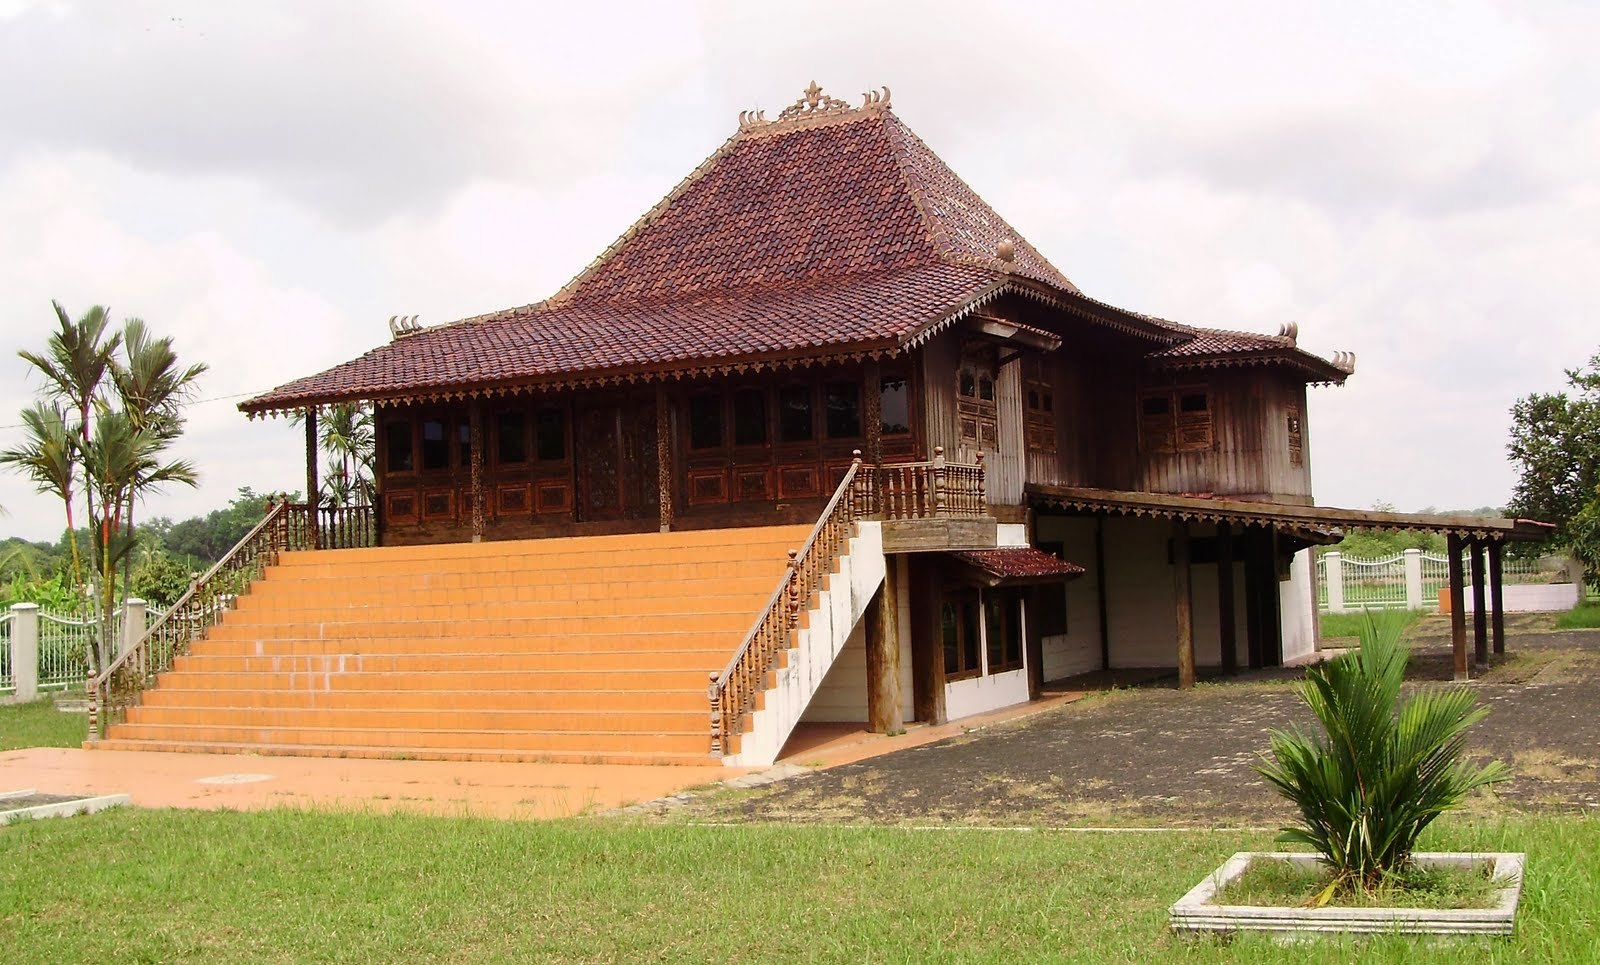 Rumah Adat Sumatera Selatan Rumah Adat Indonesia